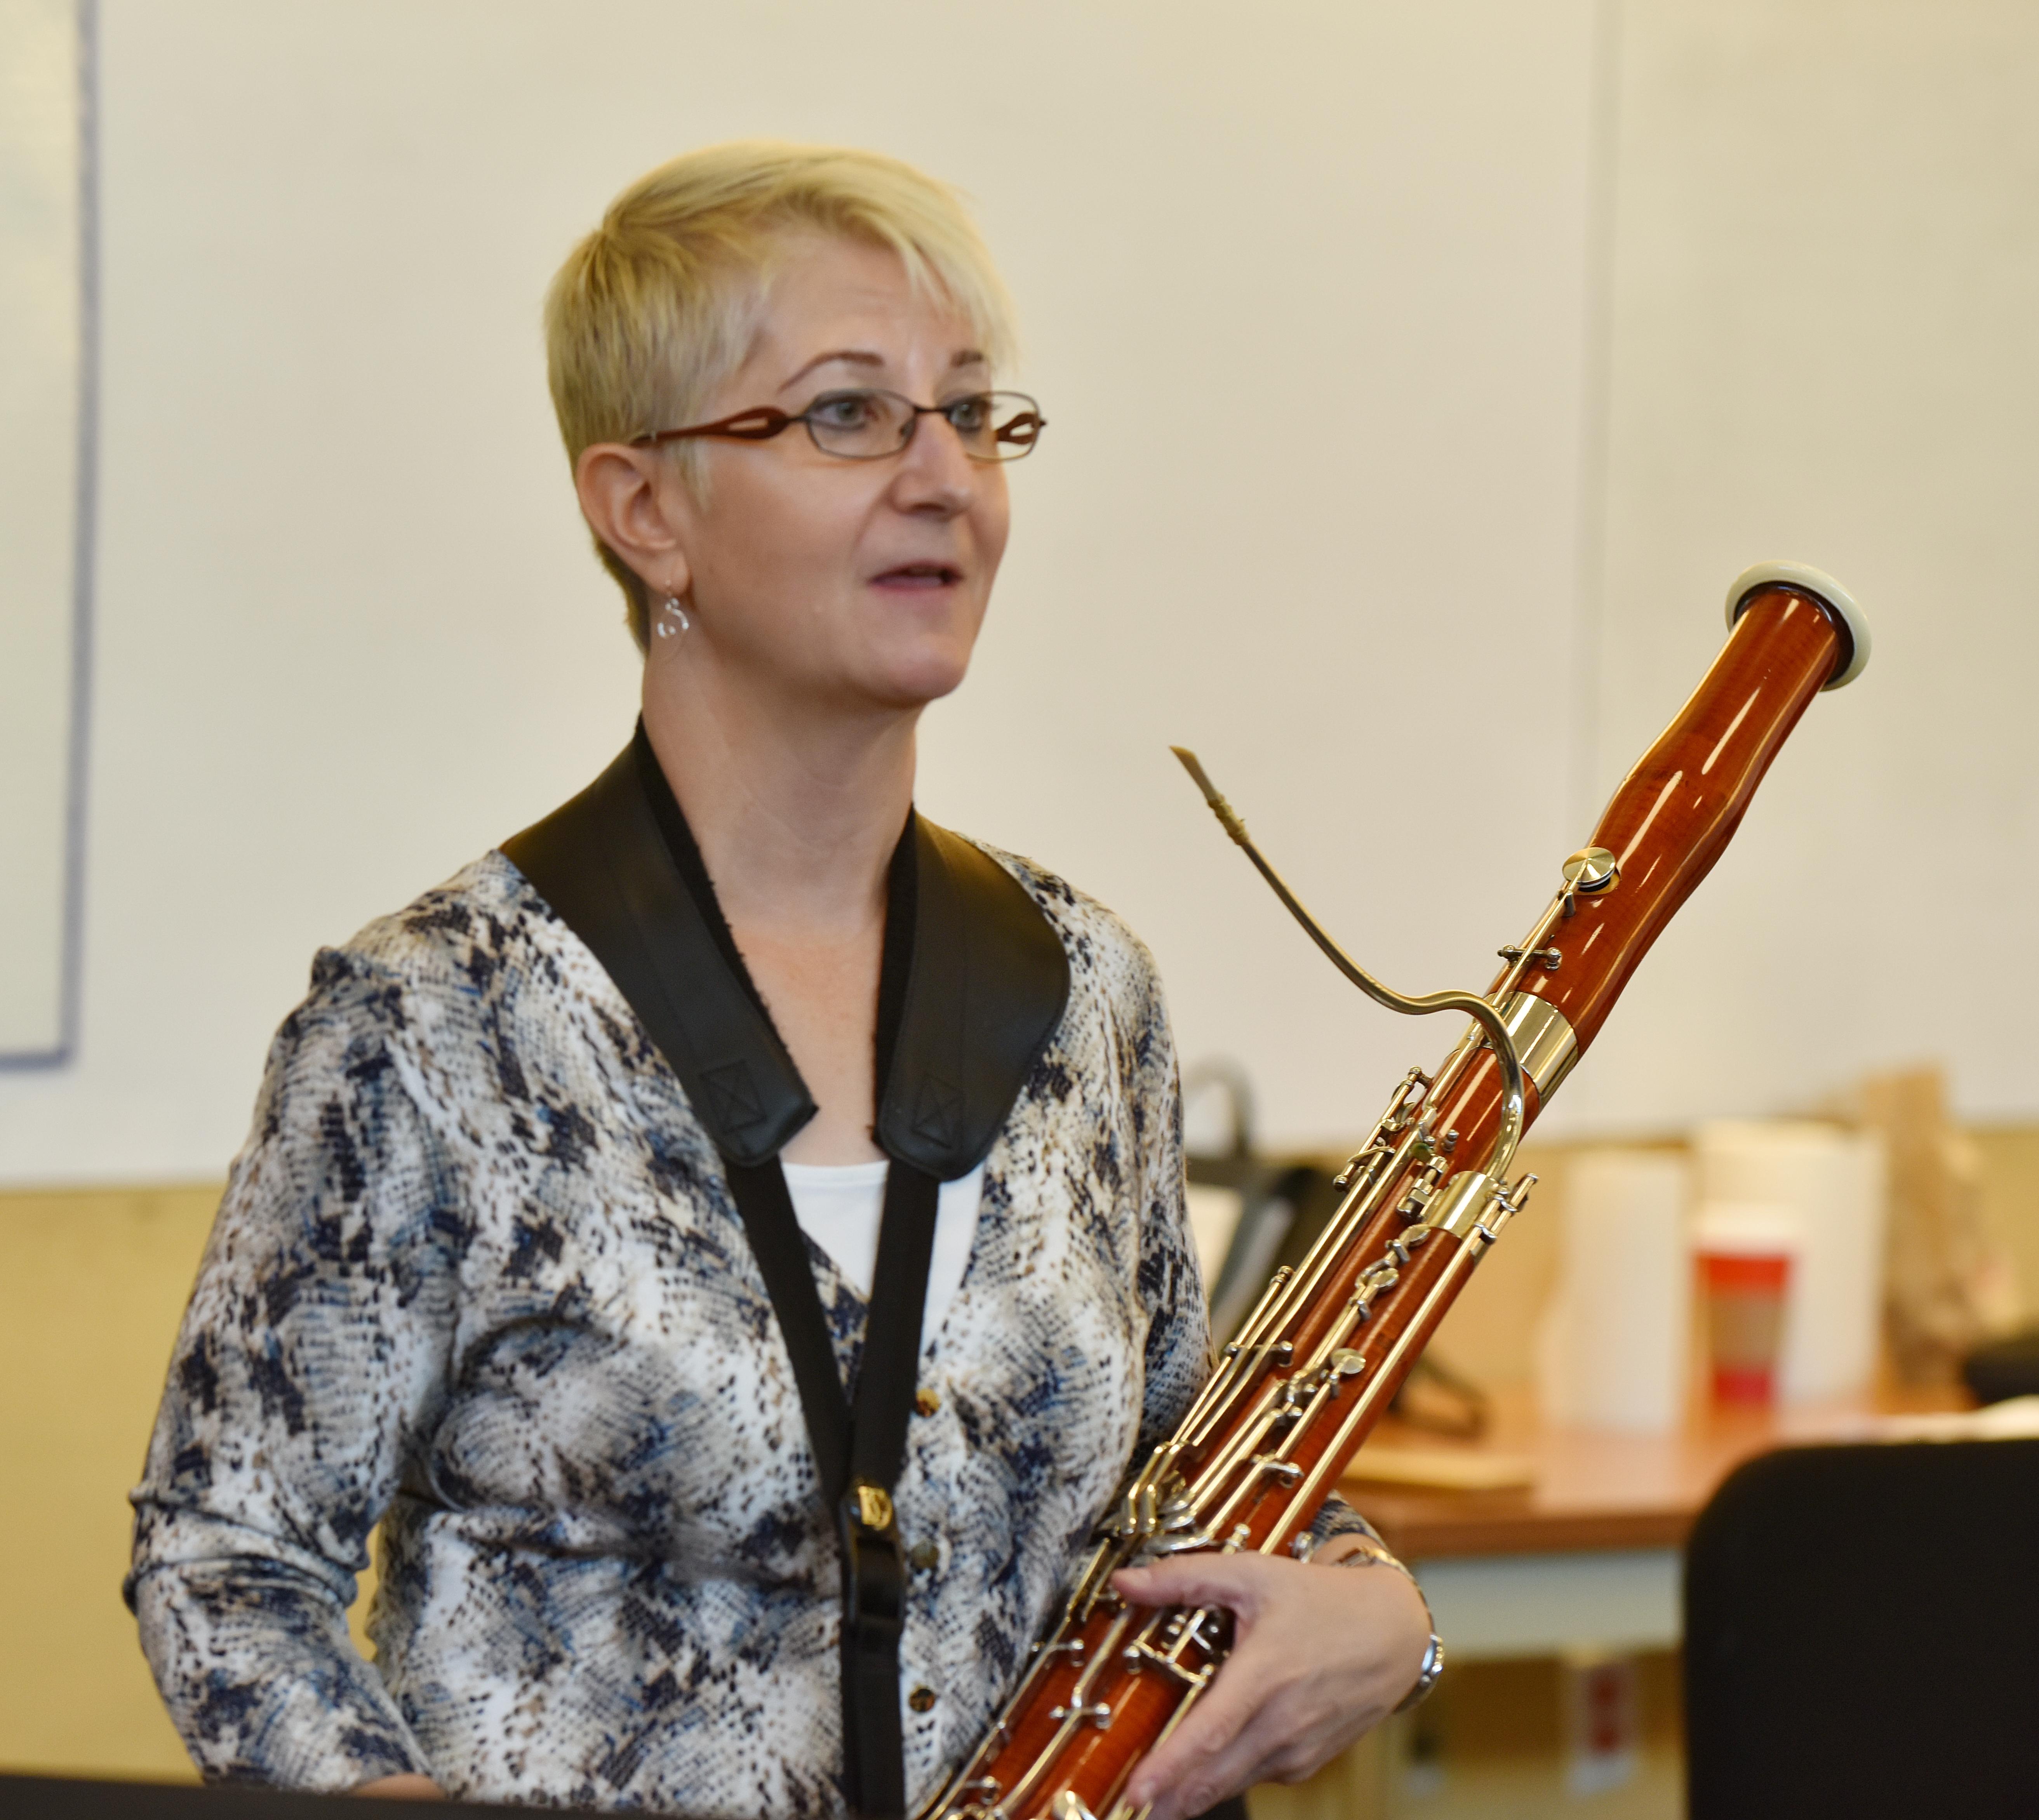 Lisa Alexamder